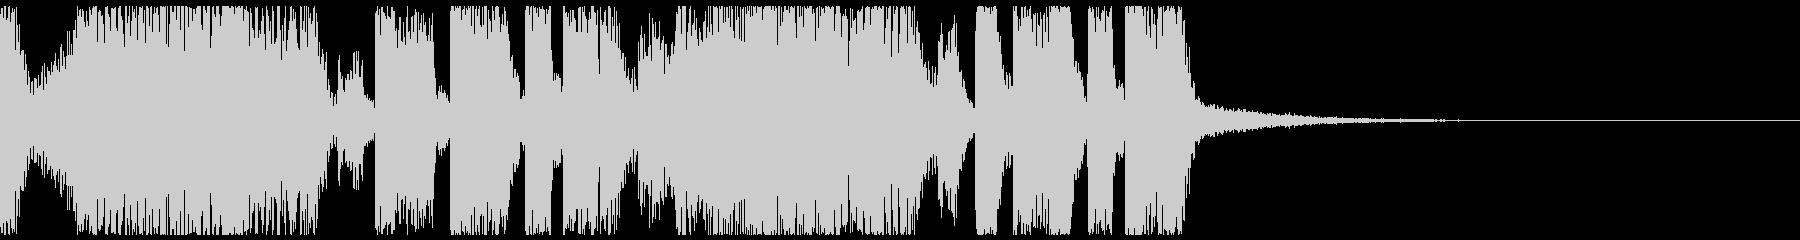 ダブステップなファンファーレの未再生の波形